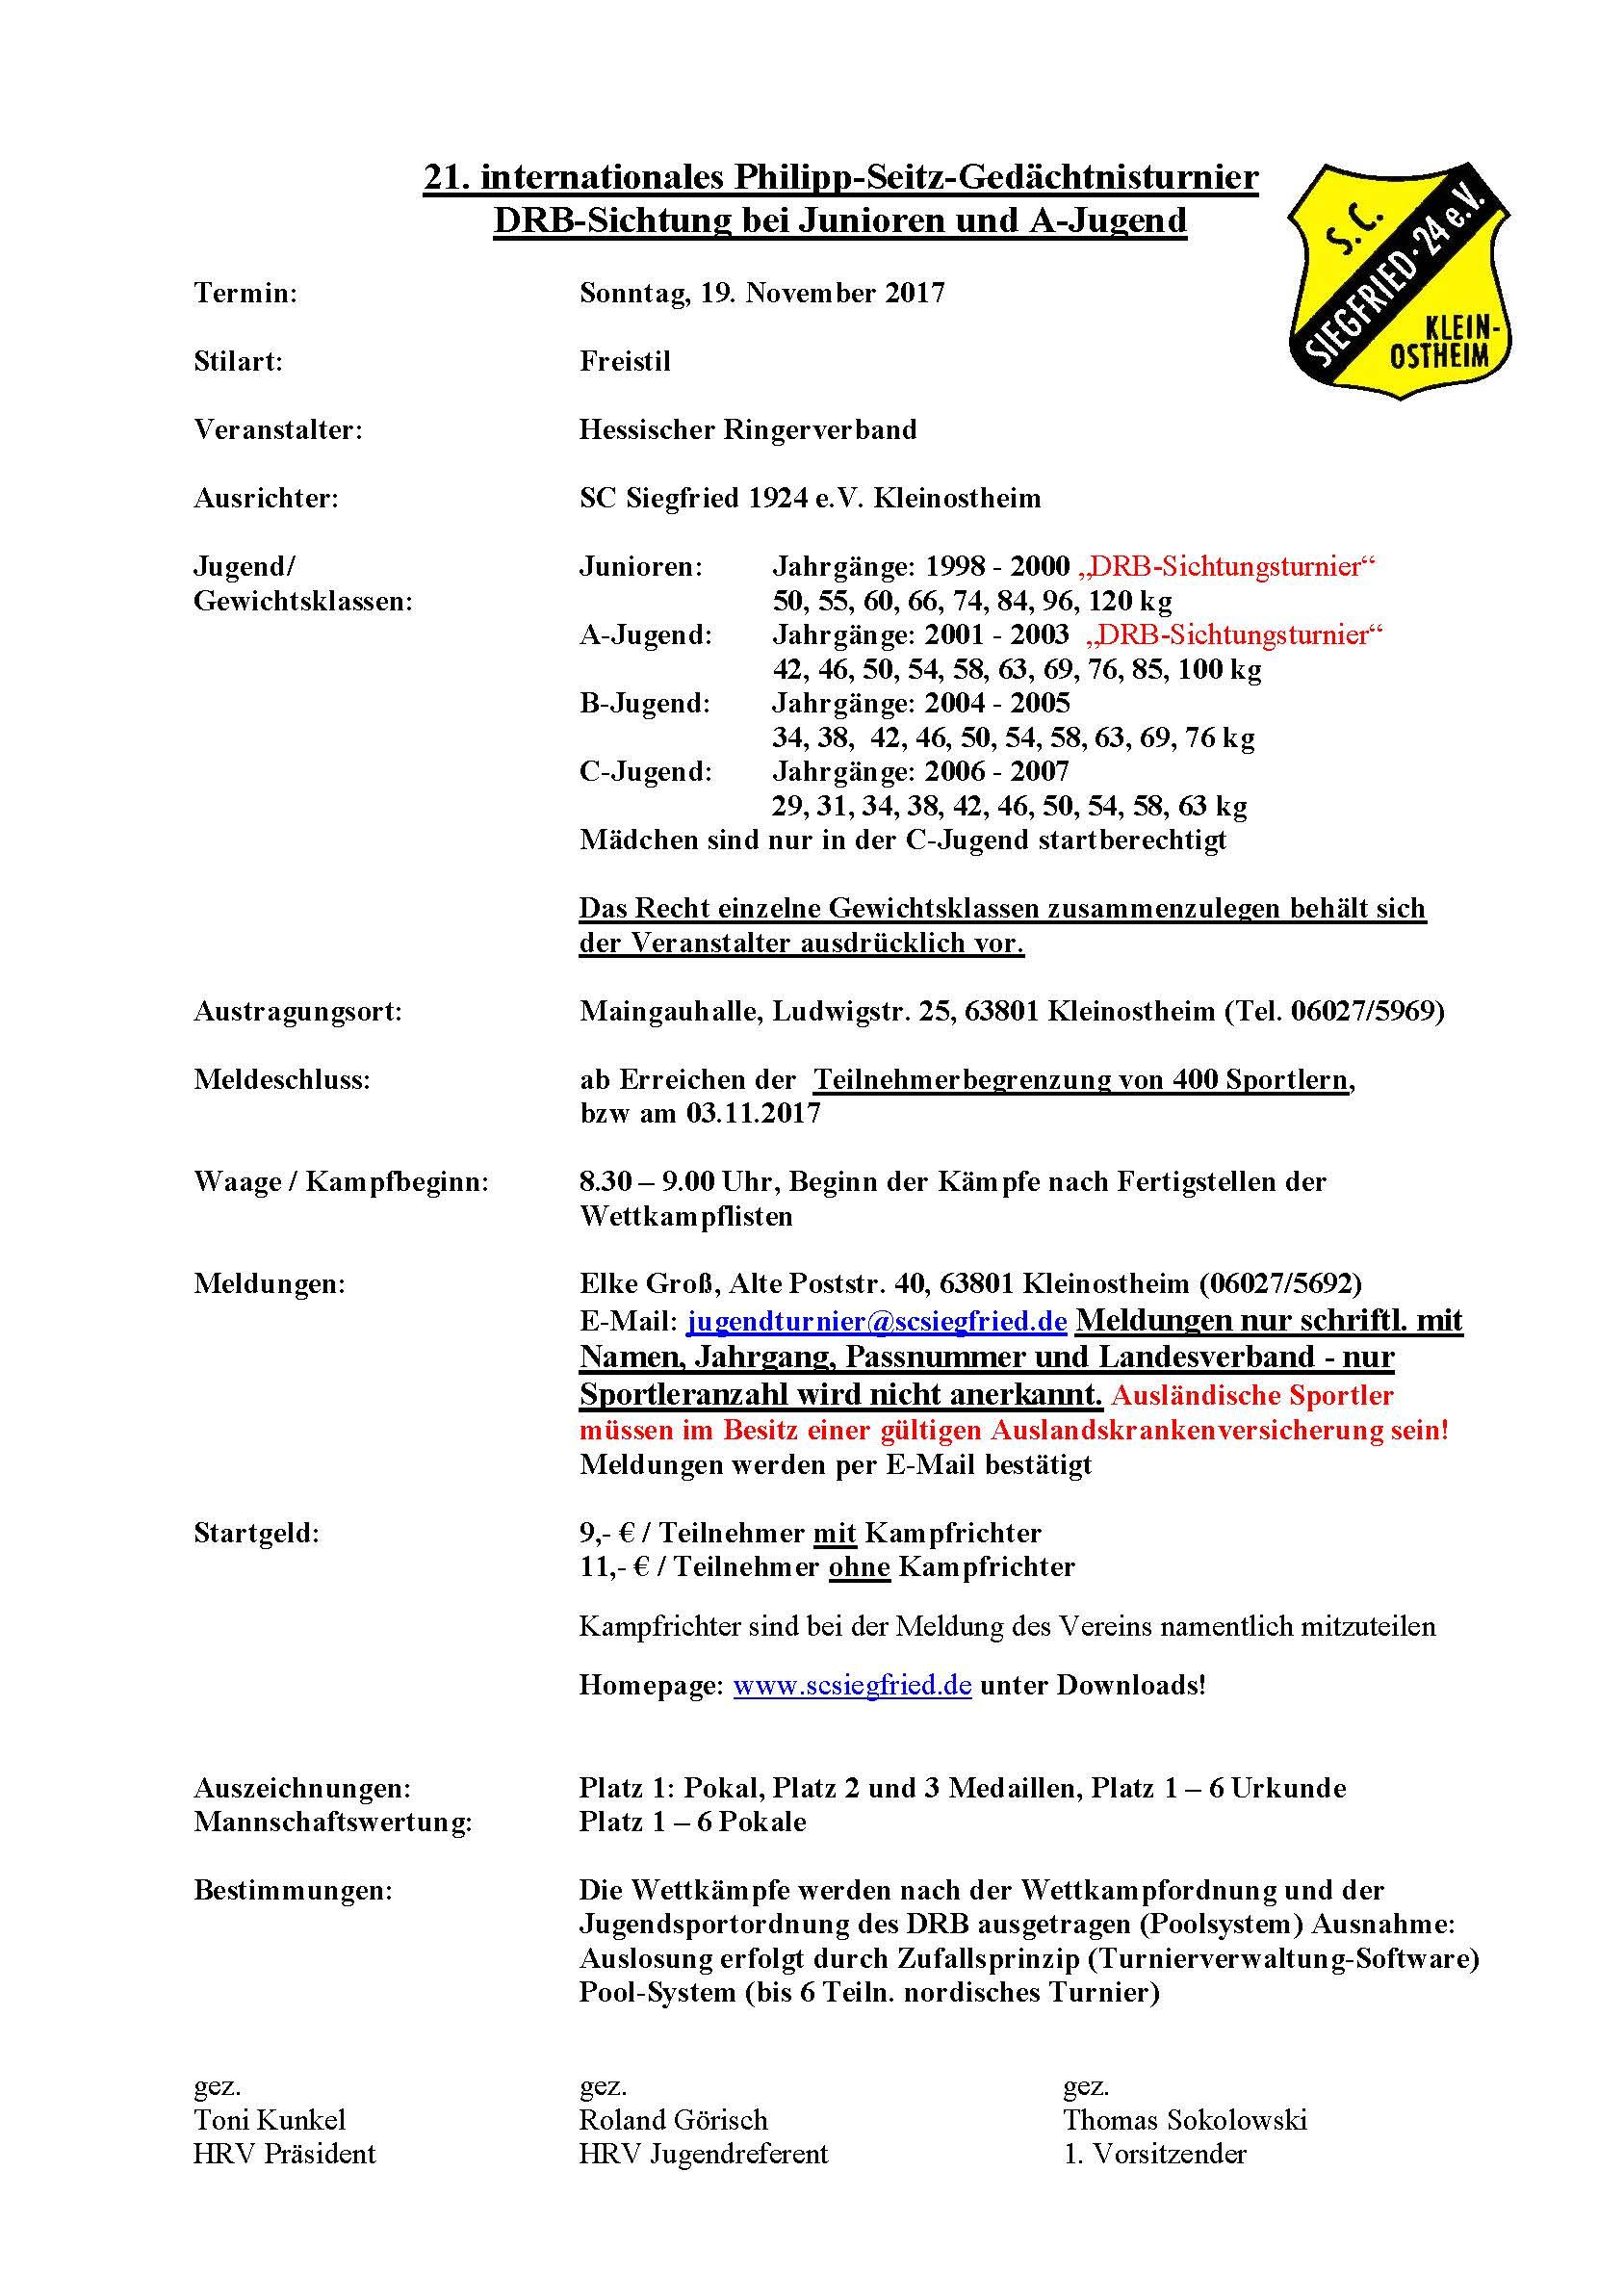 21. Internationales Philipp-Seitz-Gedächtnisturnier